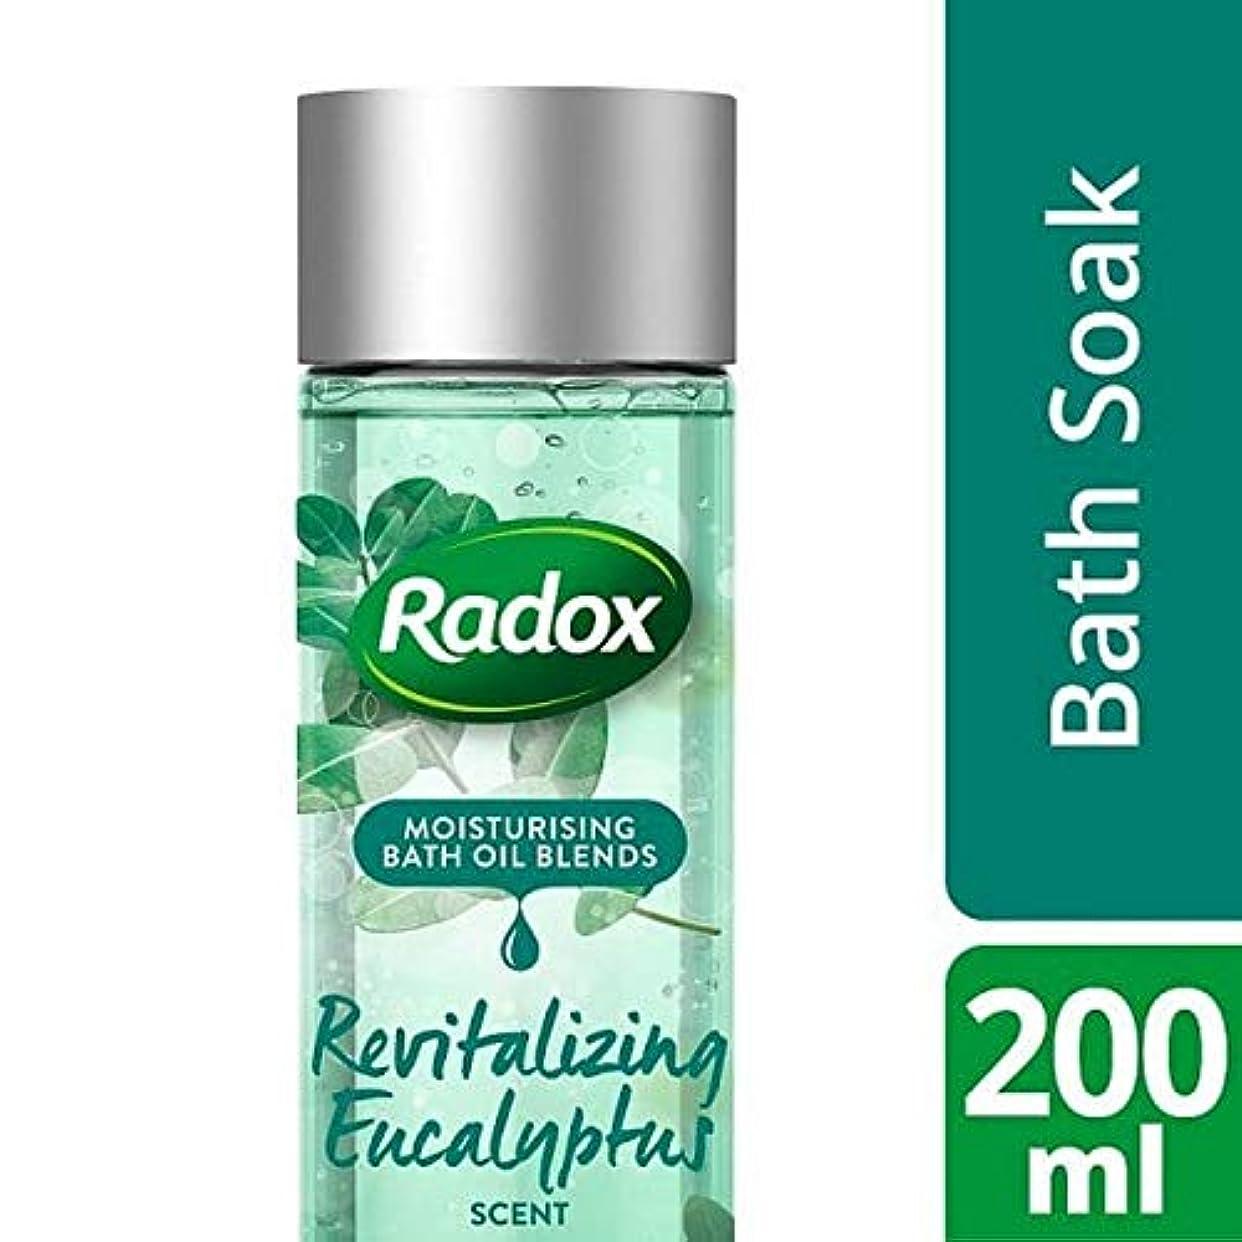 払い戻し記憶聞く[Radox] ユーカリの香り200ミリリットルを活性化Radoxのバスオイル - Radox Bath Oil Revitalizing Eucalyptus Scent 200ml [並行輸入品]